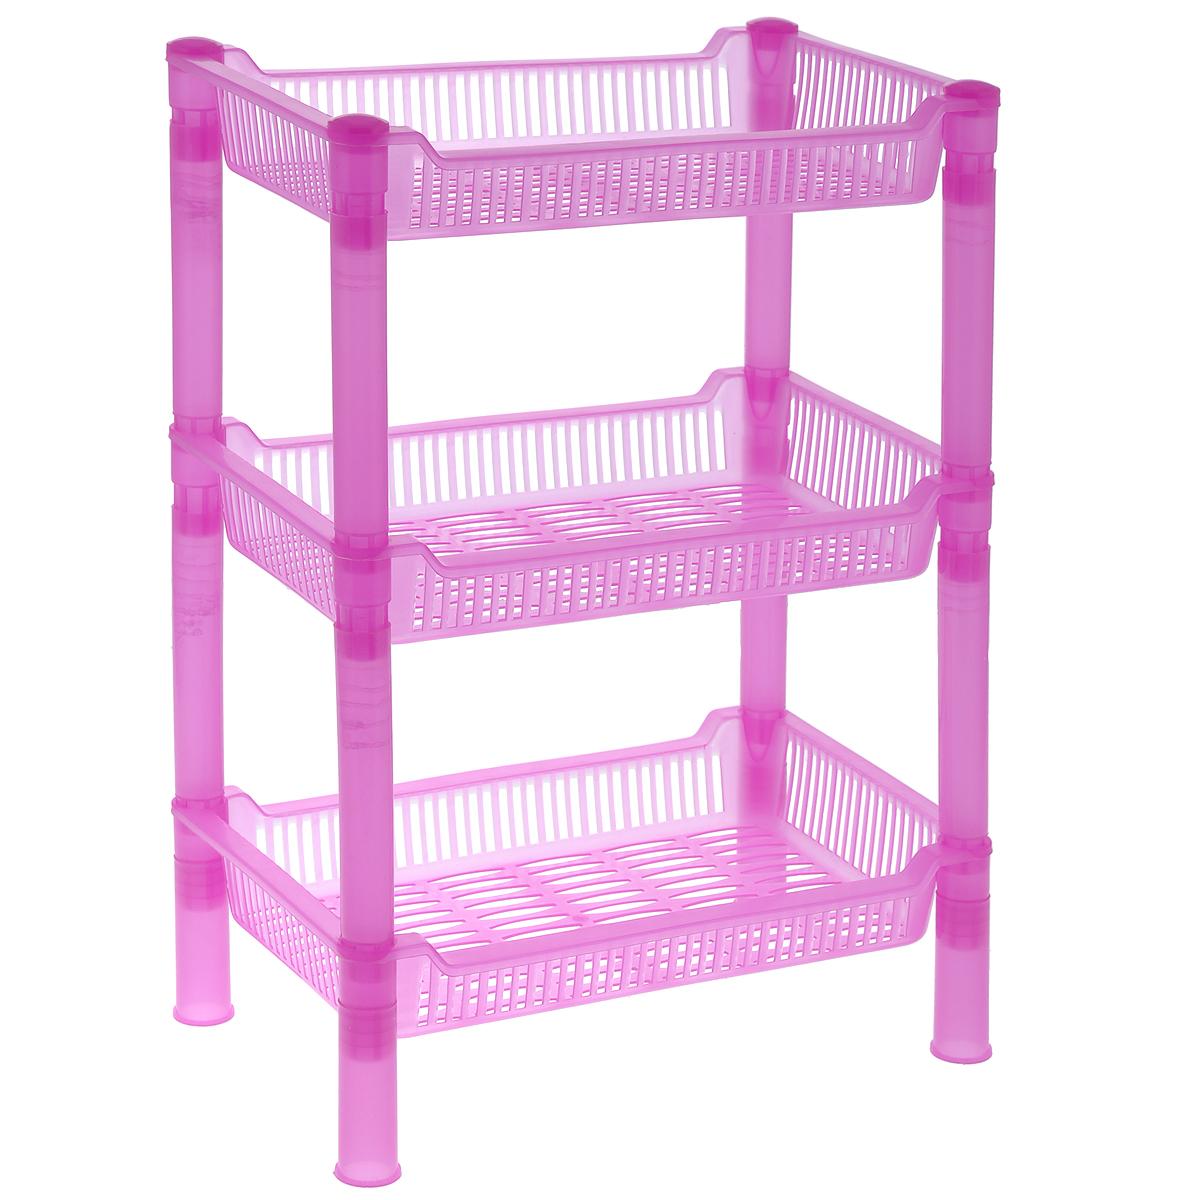 Этажерка Sima-land, 3-ярусная, цвет: розовый, 27 х 17 х 27 см862515_розовыйКомпактная этажерка Sima-land выполнена из высококачественногопластика. Содержит 3 корзины с перфорированным дном и стенками. Этажеркаподходит для хранения различных фруктов и овощей на кухне или различныхпринадлежностей в ванной комнате. Очень удобная и компактная, но в тоже время вместительная, такая этажеркапрекрасно впишется в интерьер любой кухни или ванной комнаты. Она поможетлегко организовать пространство. Легко собирается и разбирается.Размер этажерки (ДхШхВ): 27 см х 17 см х 27 см.Размер яруса (ДхШхВ): 27 см х 17 см х 4,5 см.